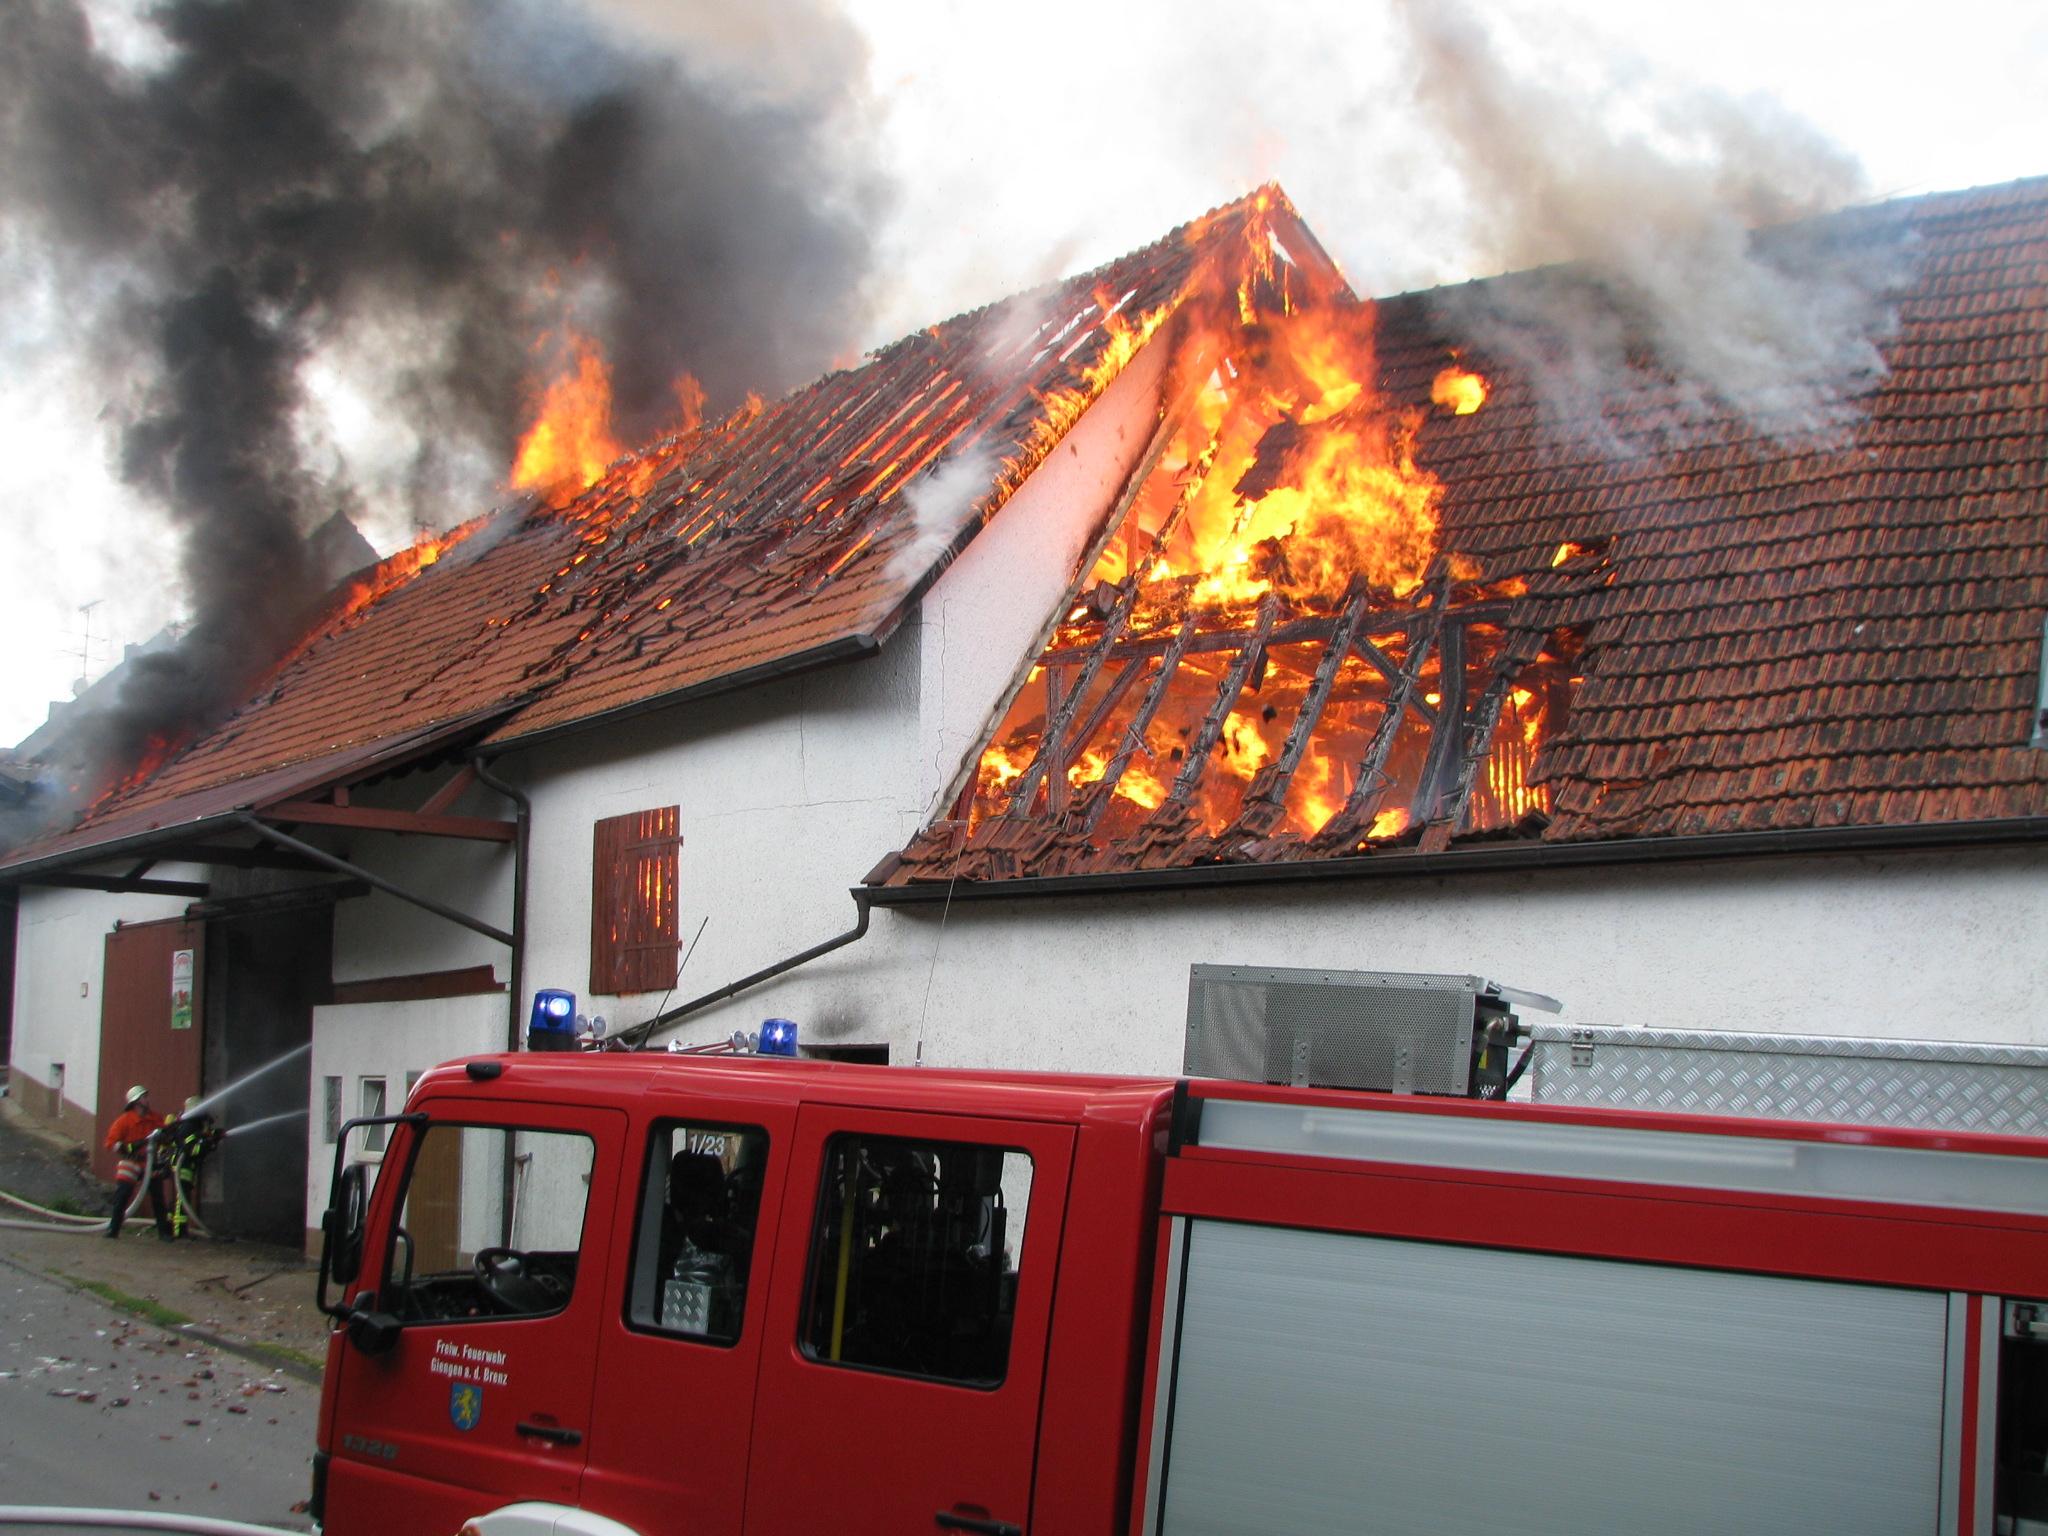 Löschung eines brennenden Hauses